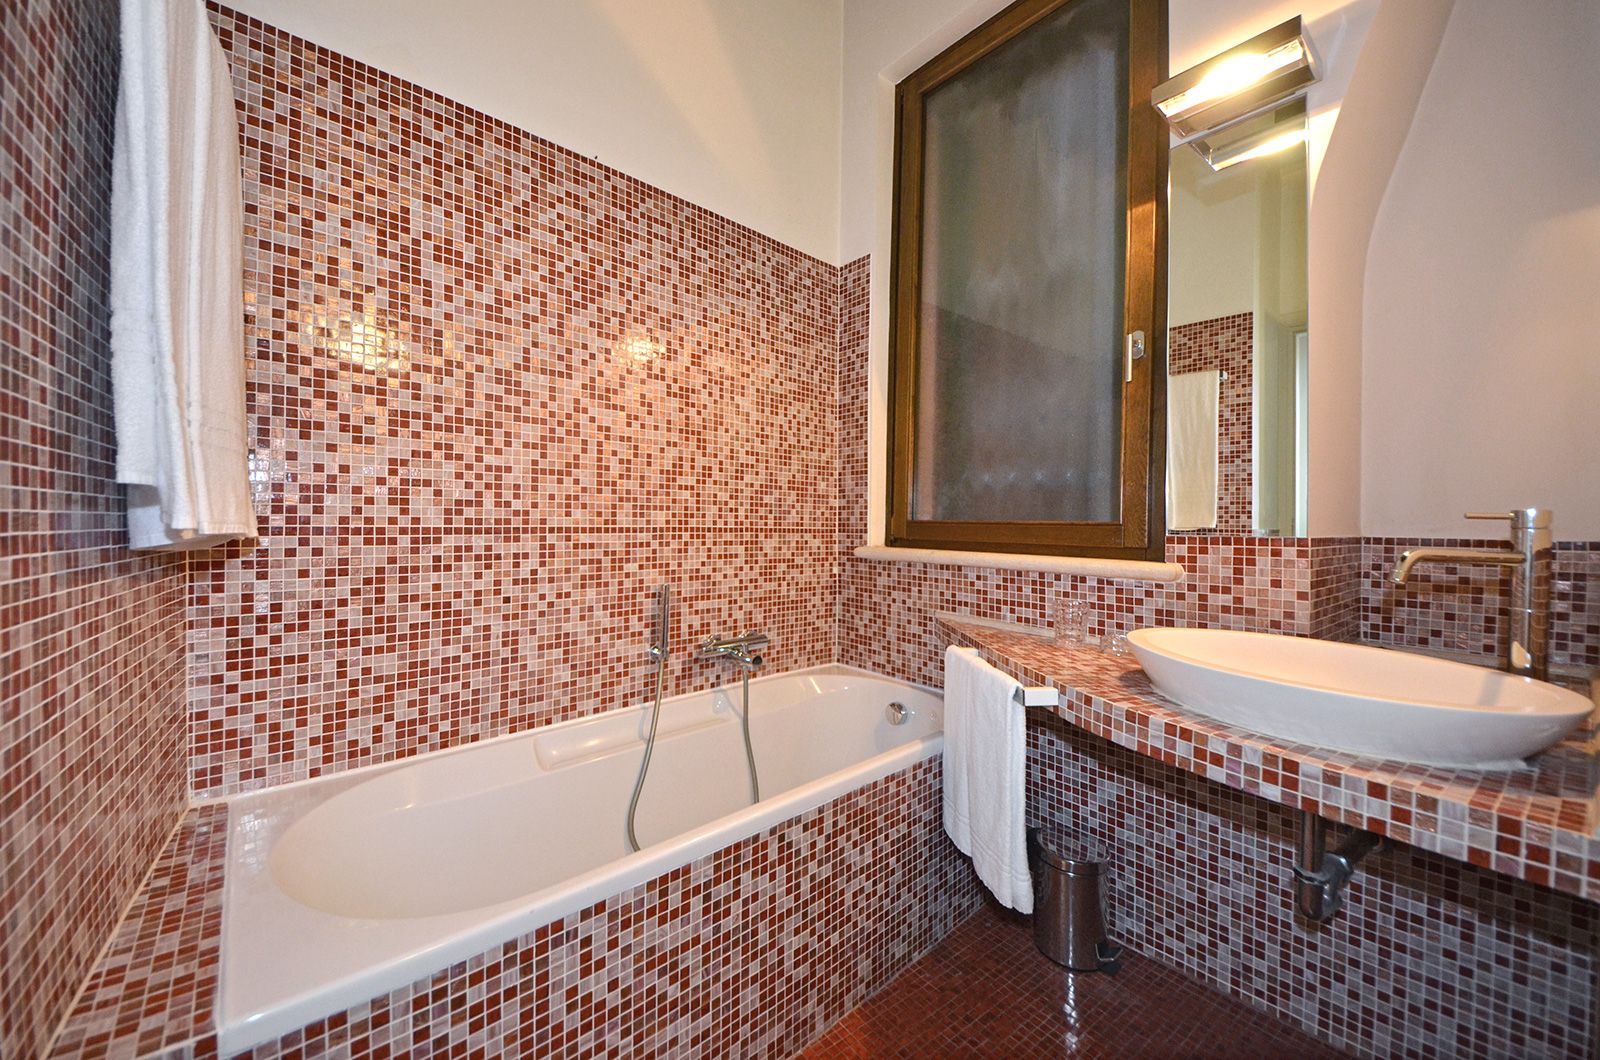 larger bathroom with bathtub